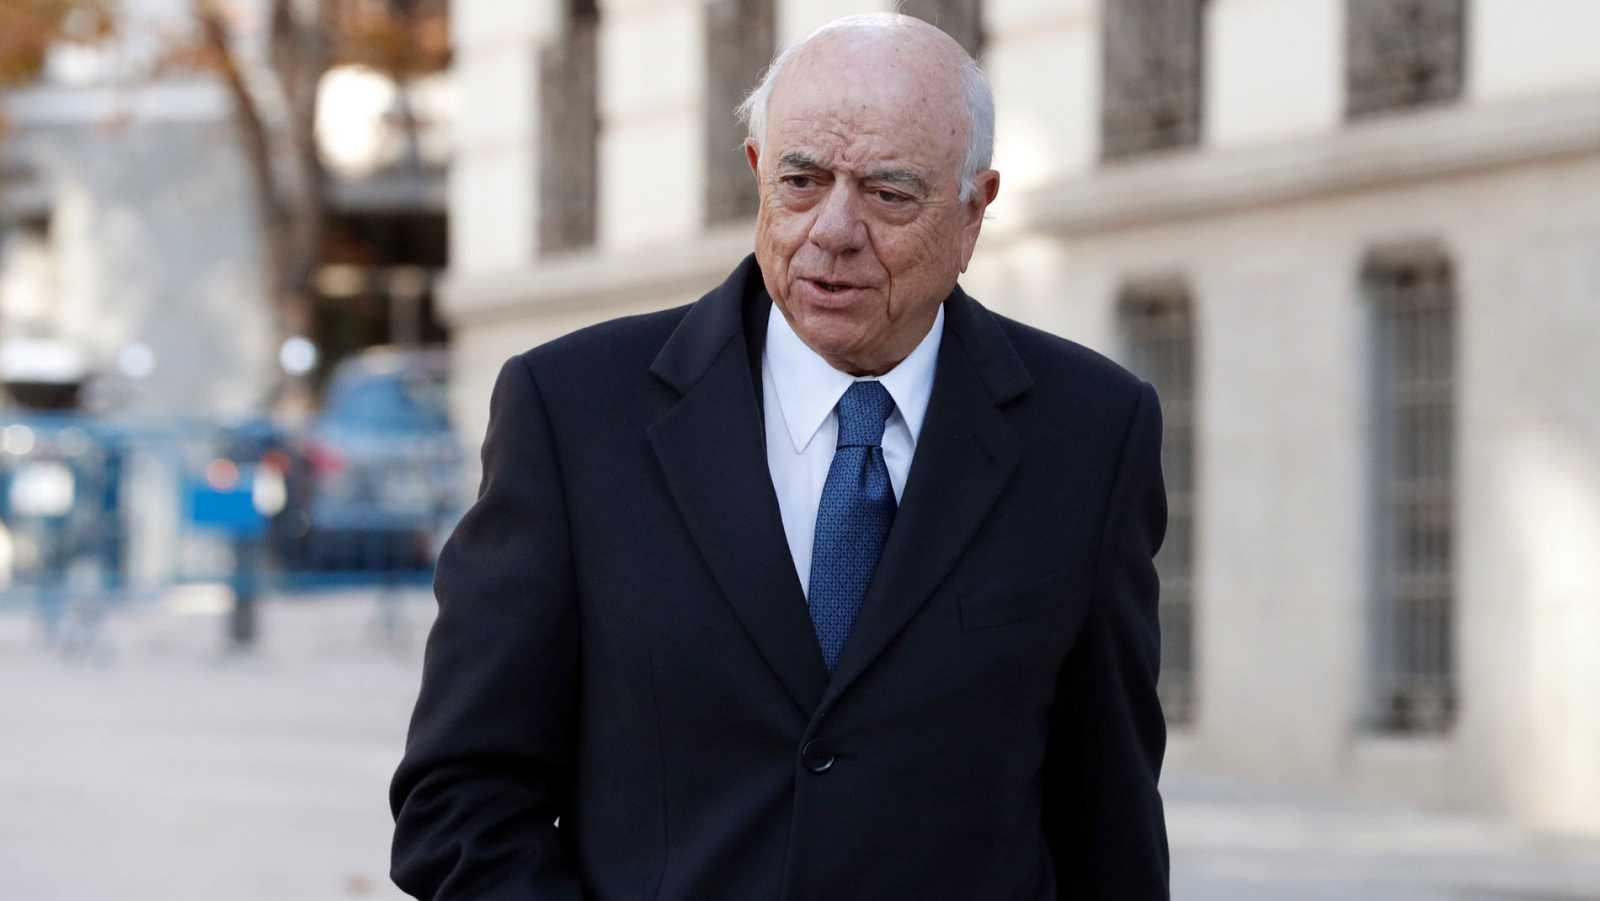 Francisco González consintió la contratación de detectives en el BBVA pero niega conocer su vinculación con Villarejo